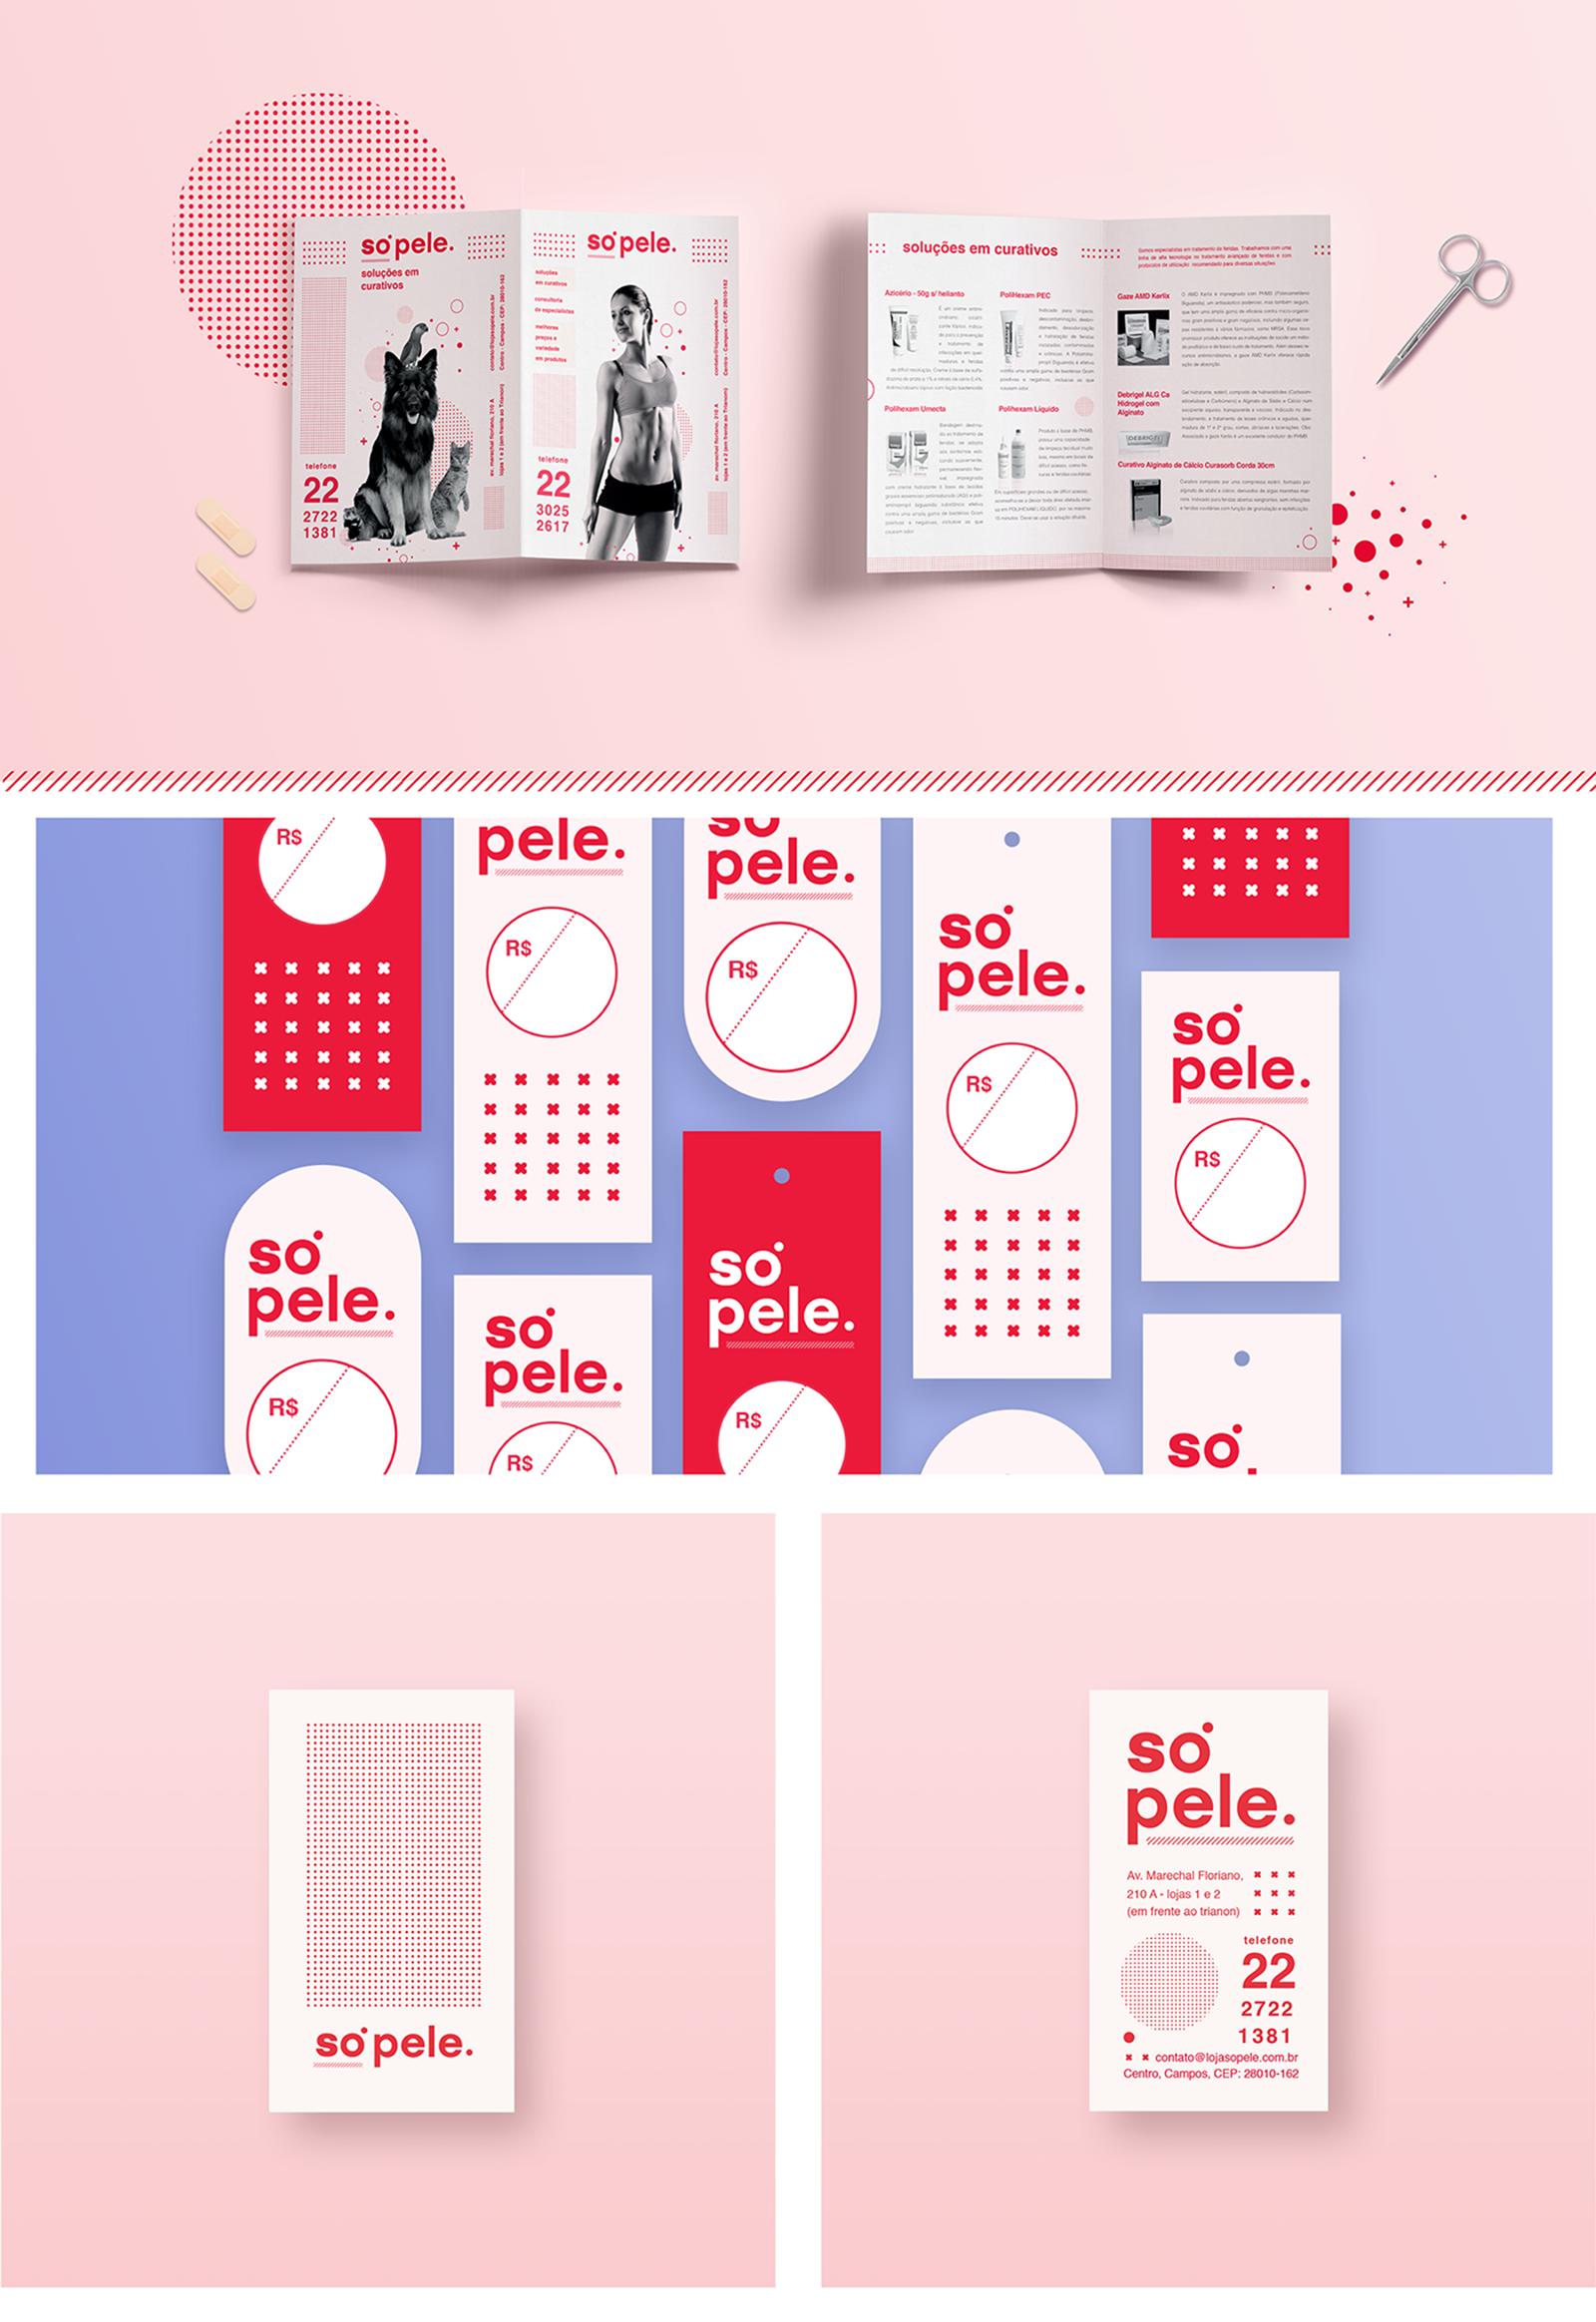 Só Pele 皮肤护理品牌视觉VI形象设计欣赏-深圳VI设计公司